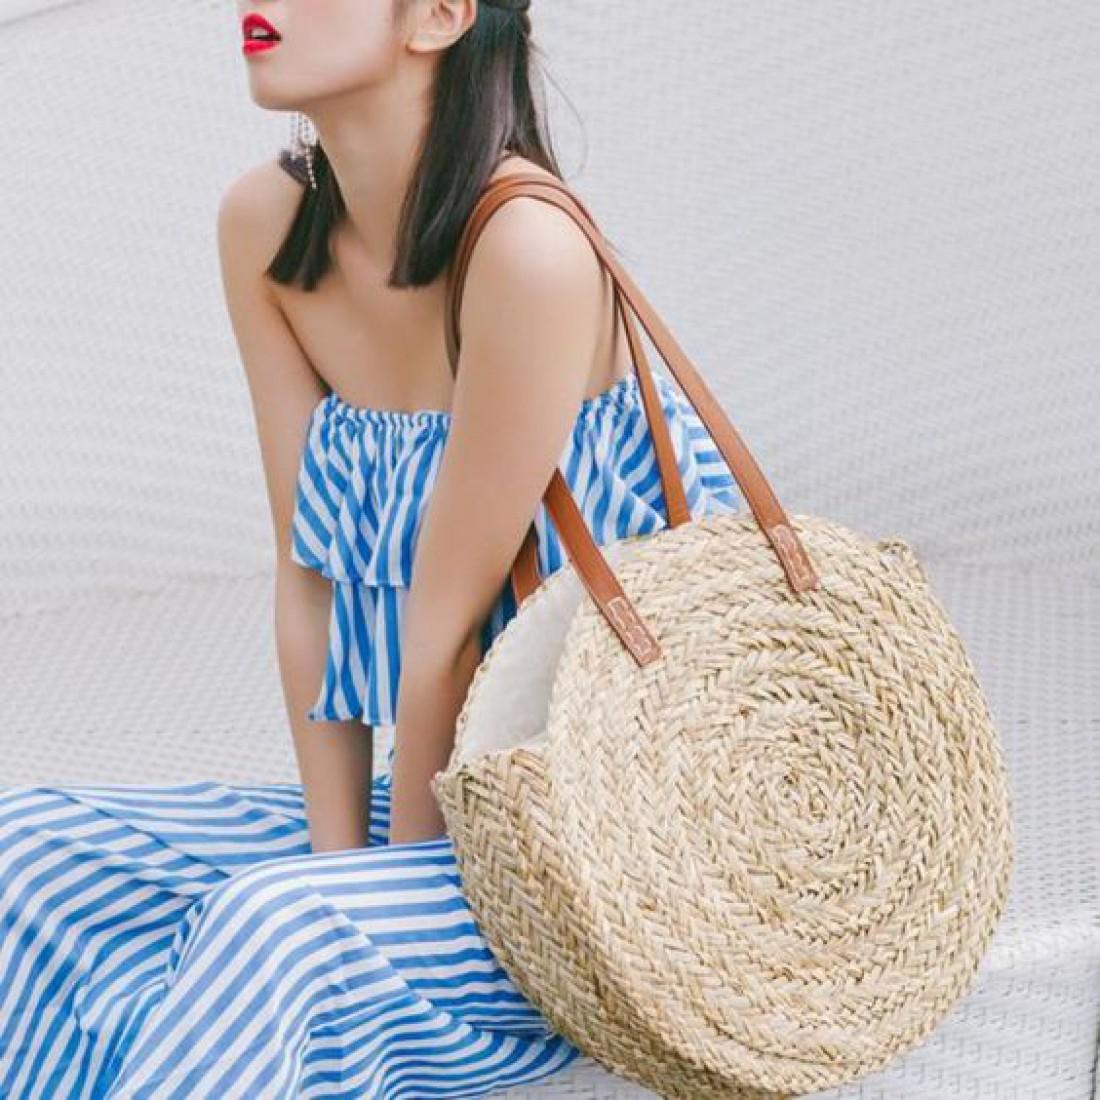 Как выбрать пляжную сумку? ТОП-5 самых модных вариантов на лето 2019